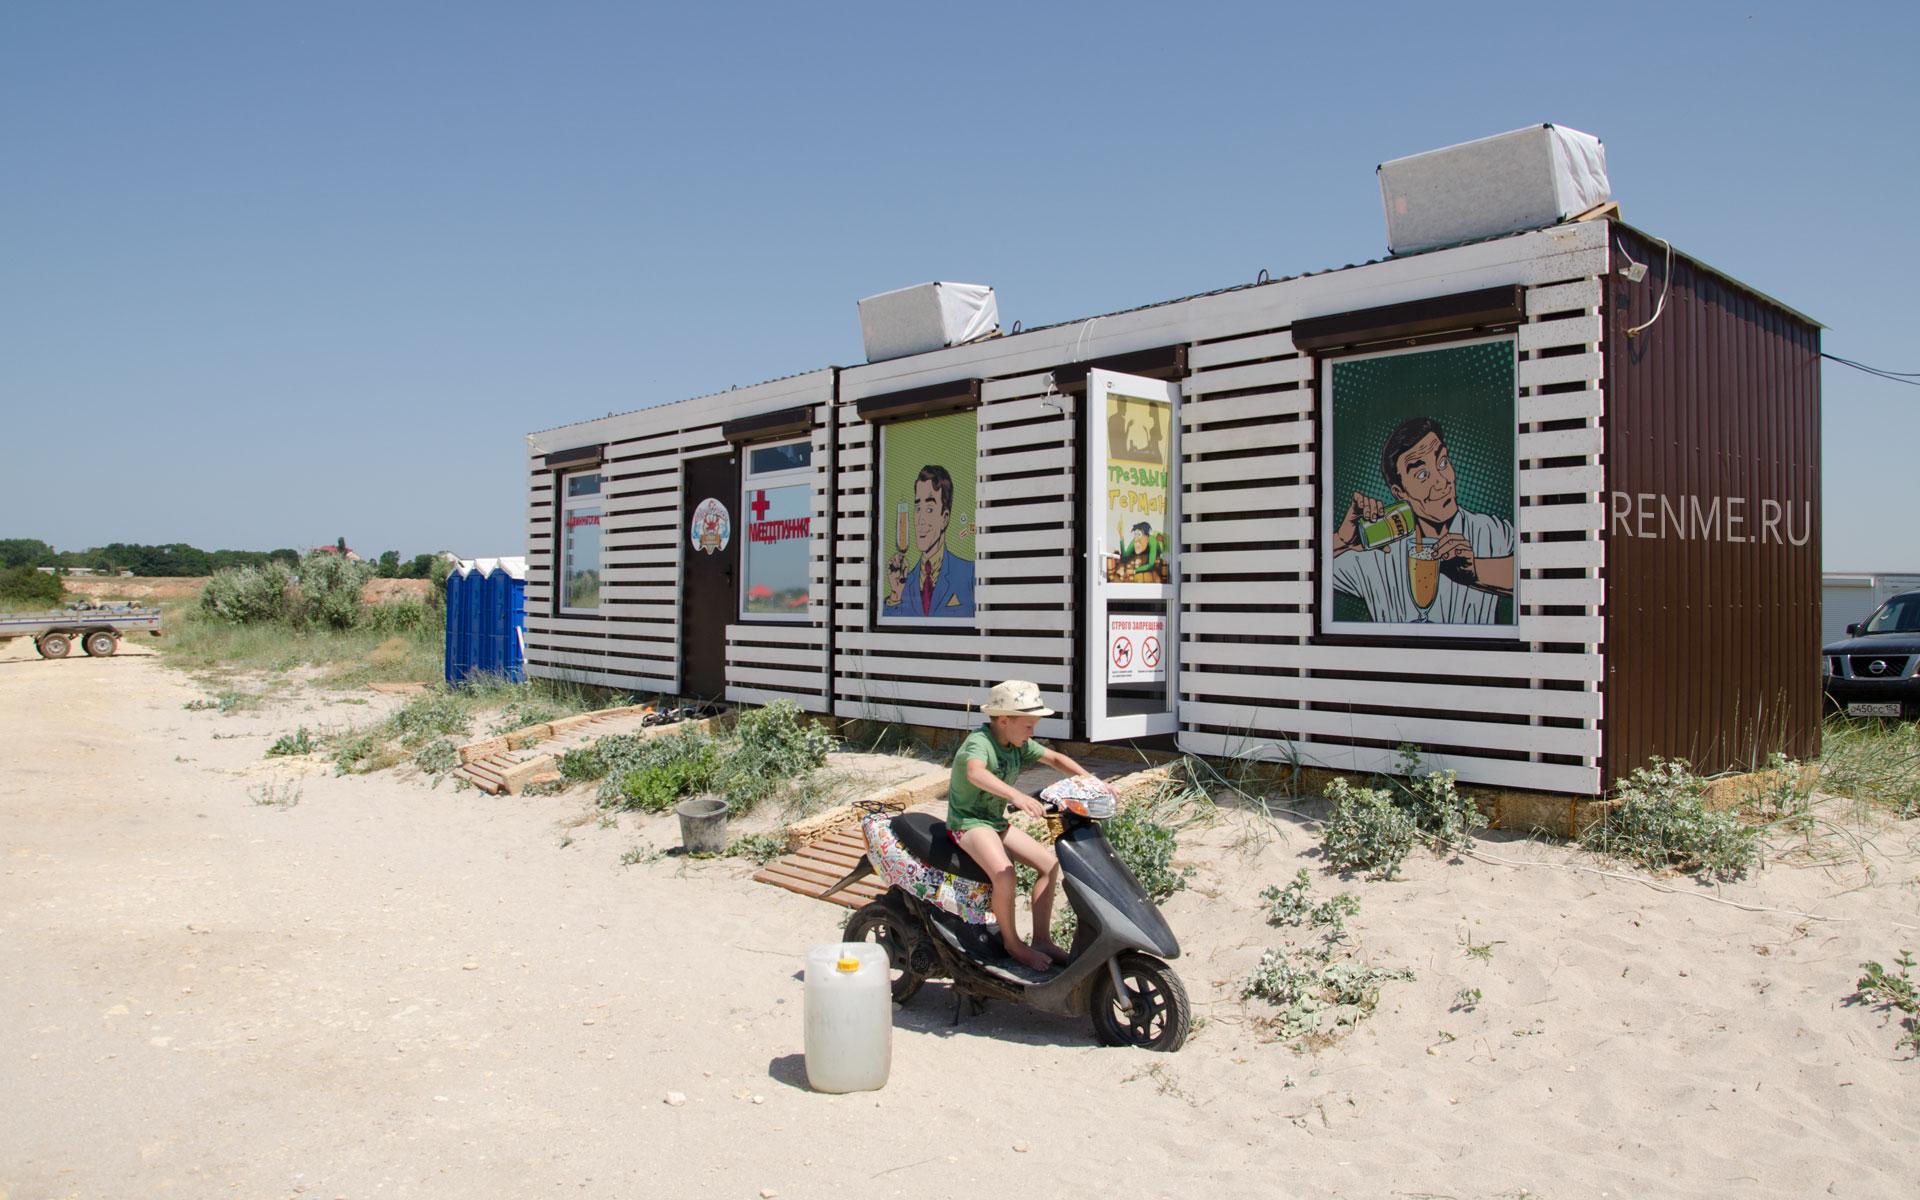 Медпункт и магазин на пляже в Оленевке 2019. Фото Оленевки